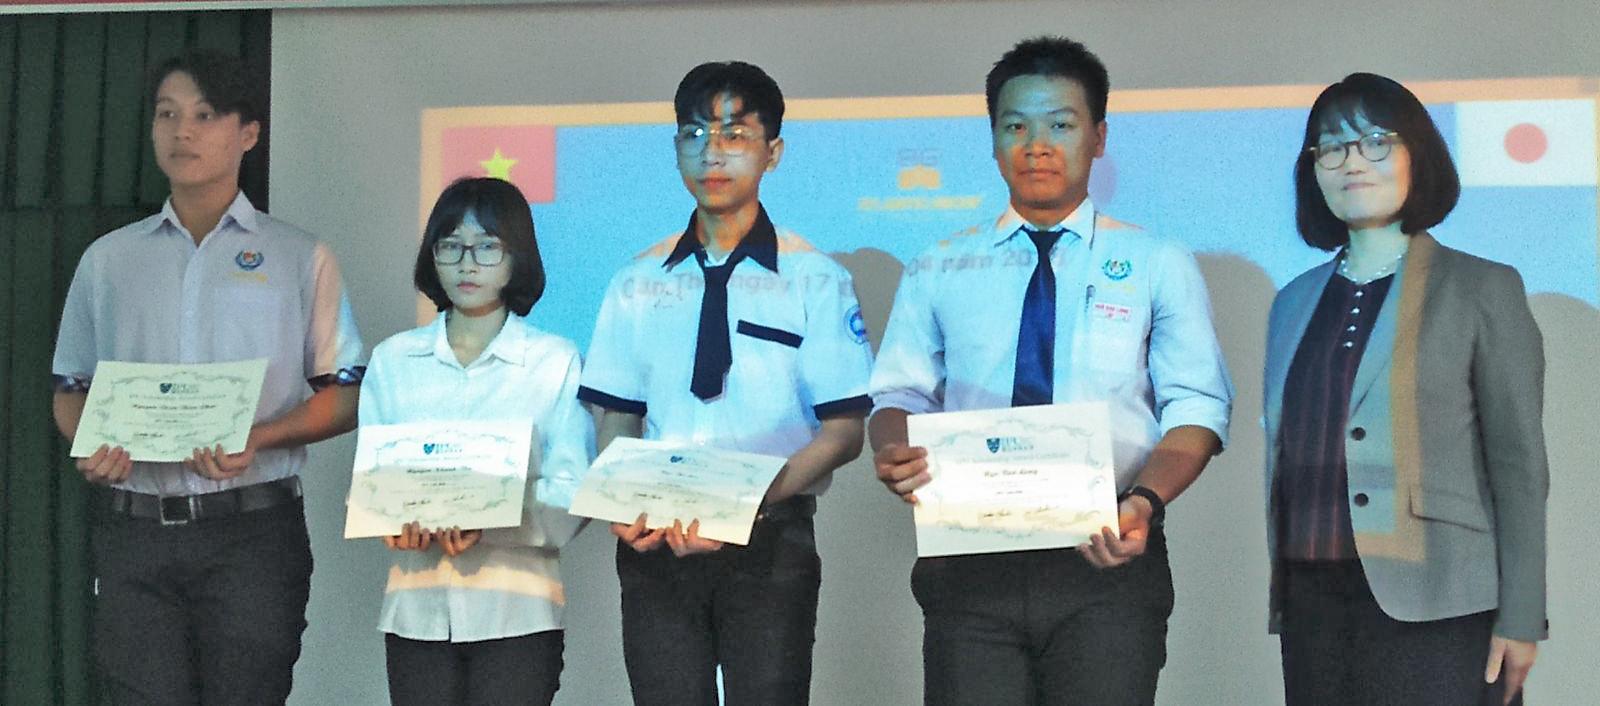 Đại diện Tập đoàn Giáo dục SOSHI  (bìa phải) trao học bổng cho 4 học sinh. Ảnh: B.NG